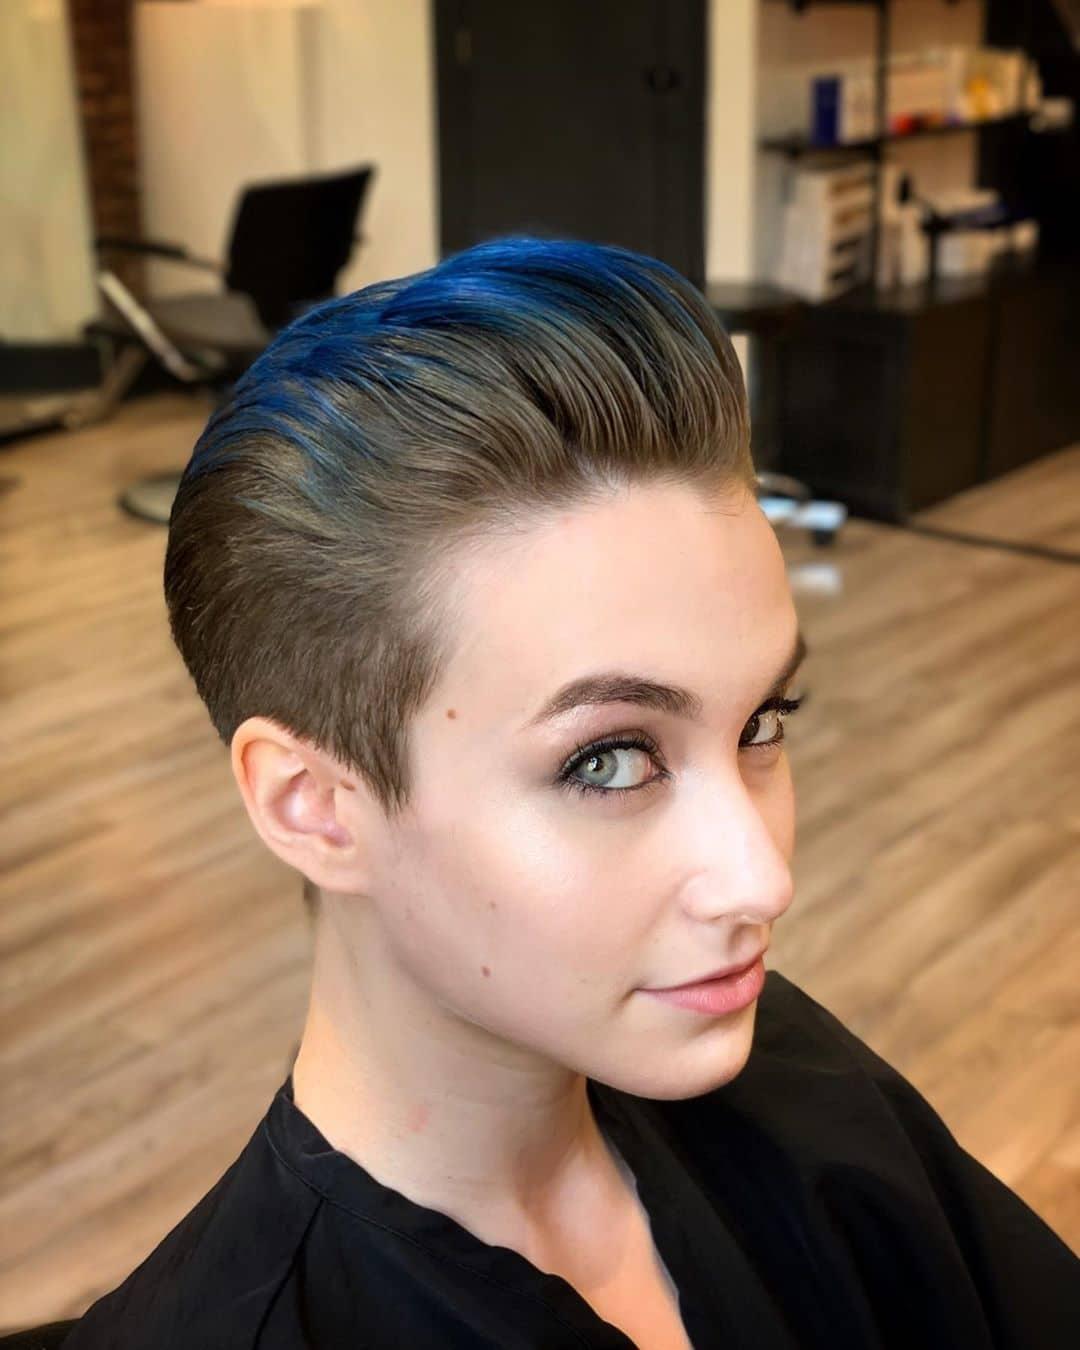 Szykowny pixie cut dla cienkich włosów